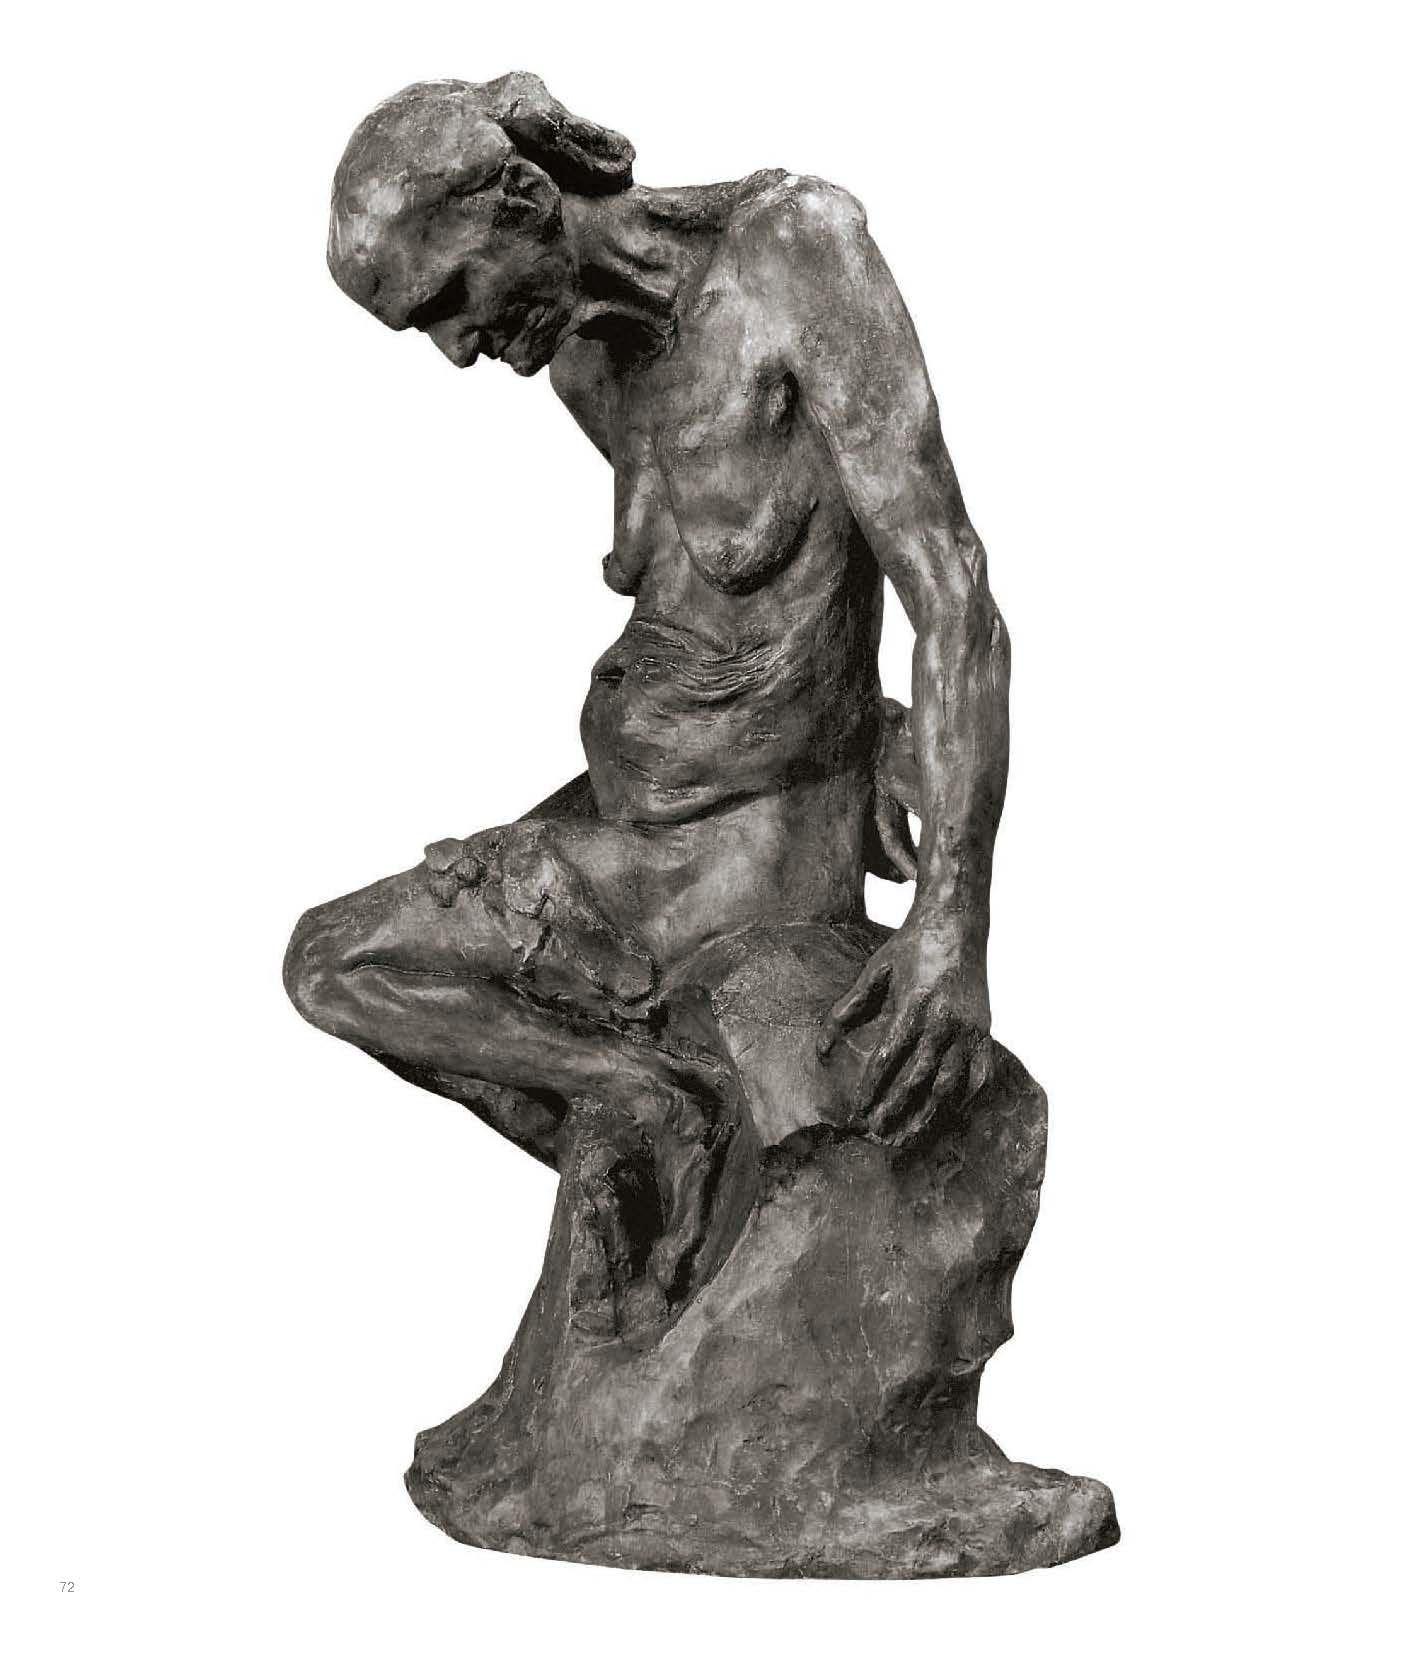 Auguste Rodin | #auguste #rodin #art #sculpture #baroque #impressionism #renaissance